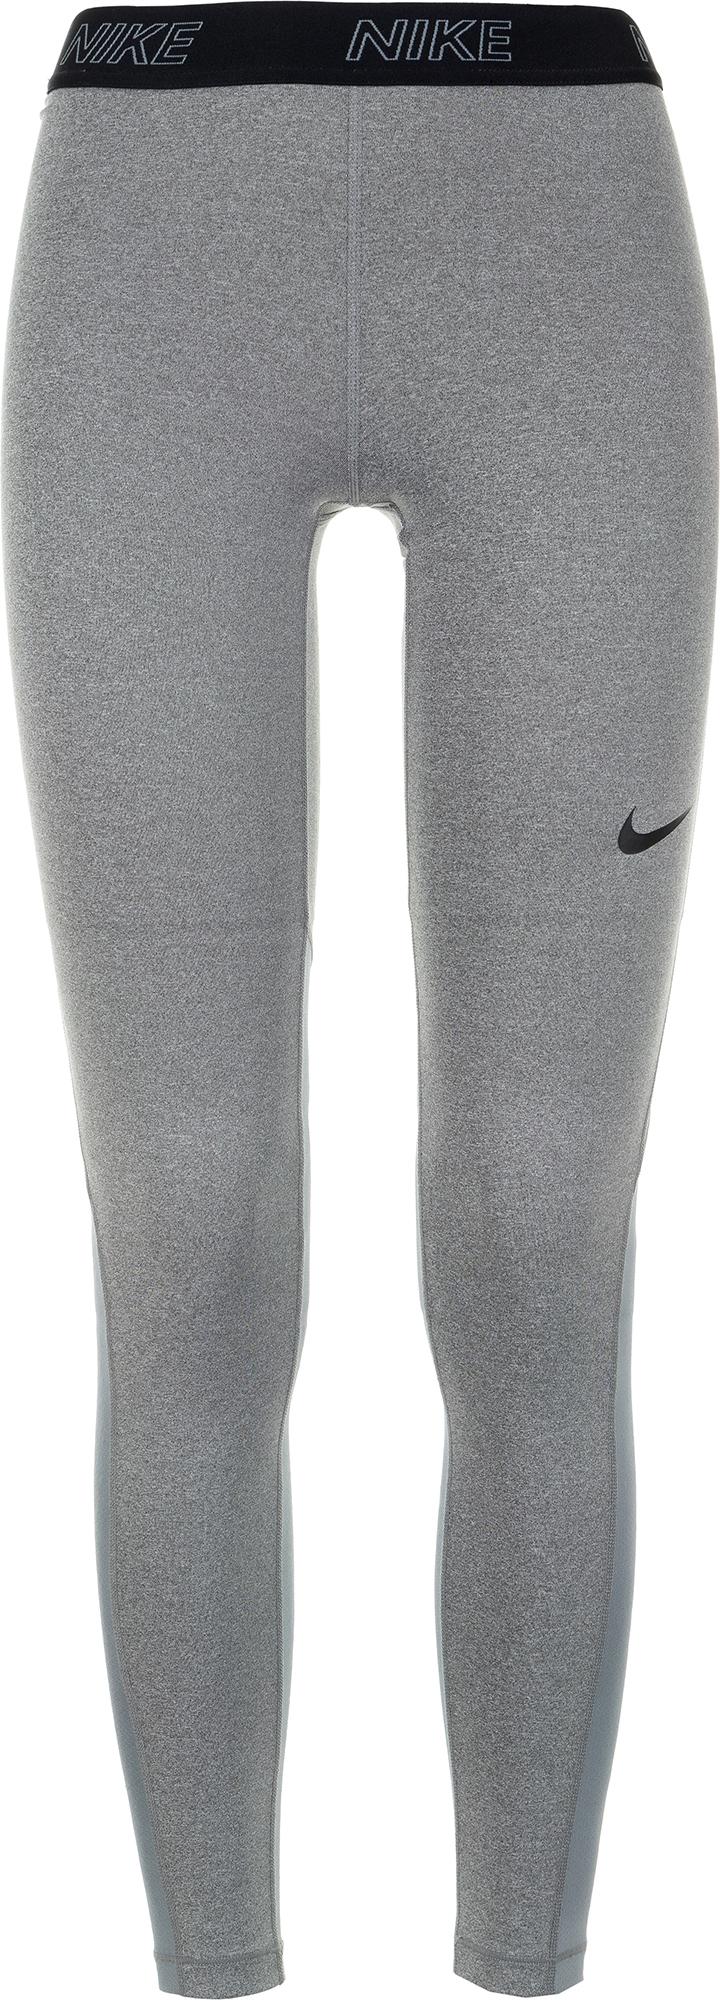 Nike Легинсы женские Victory Baselayer, размер 42-44